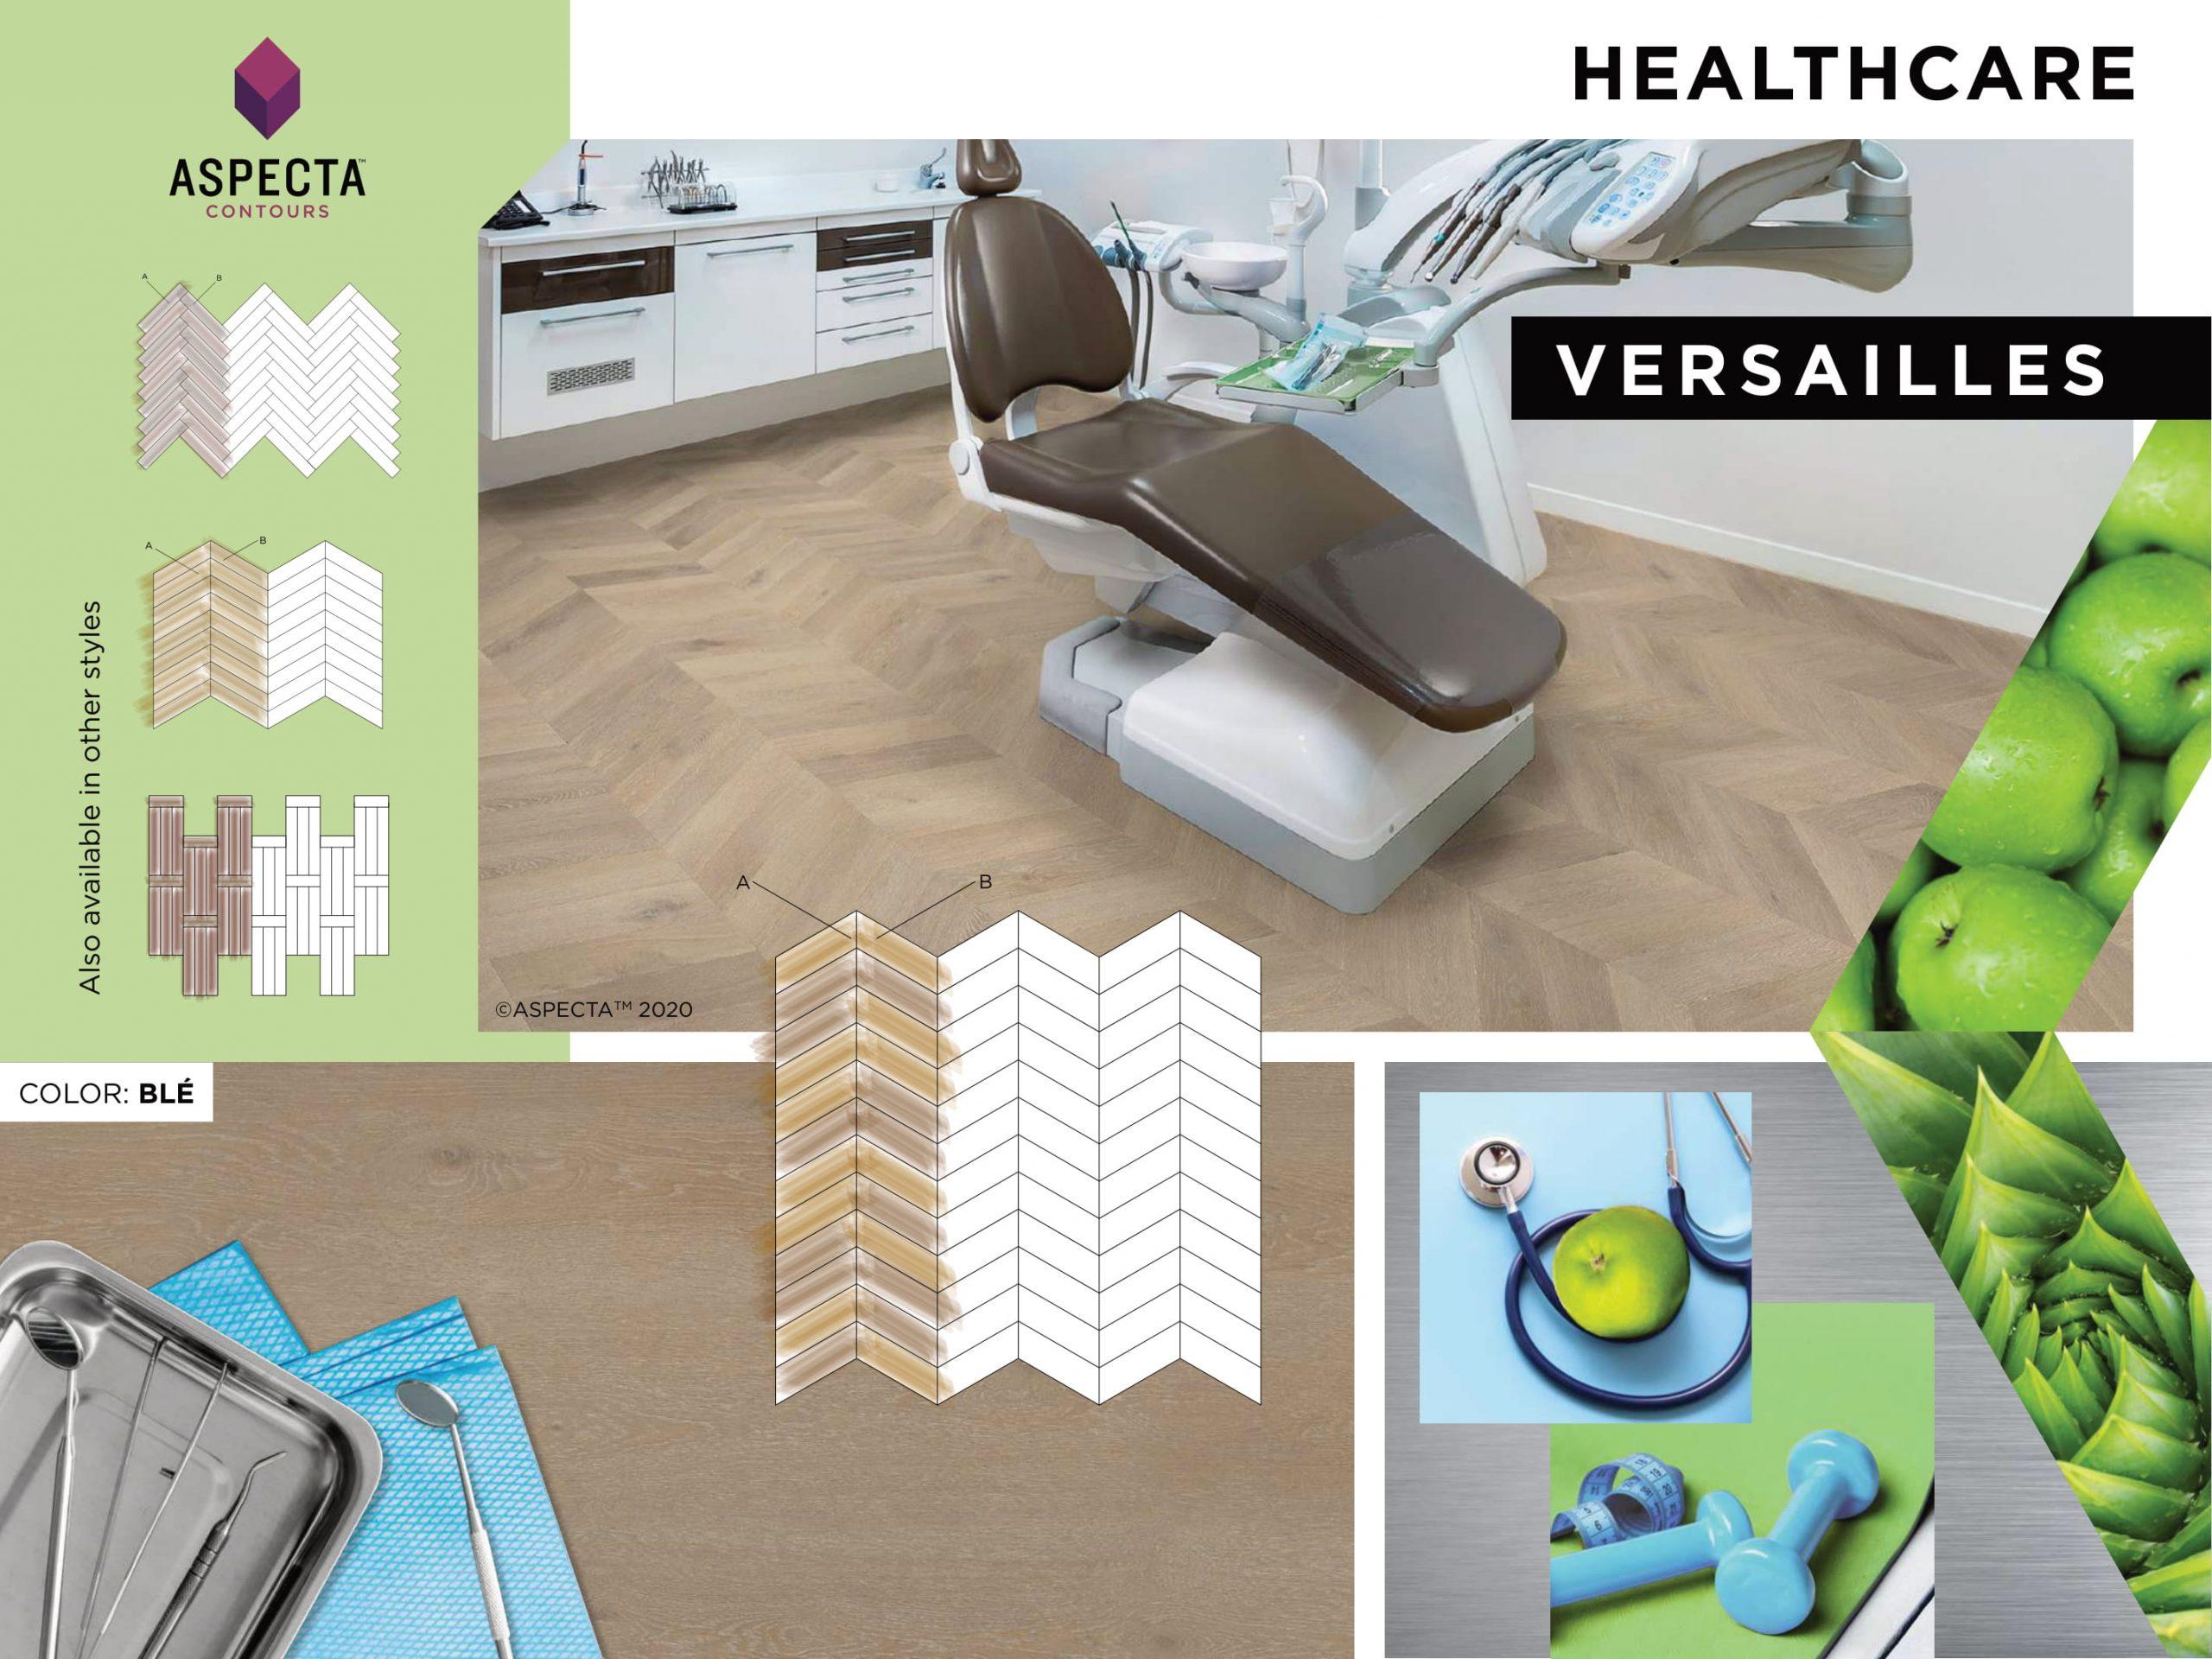 07_ASP_Contours_Moodboard_Versailles_Healthcare_05_2020-1